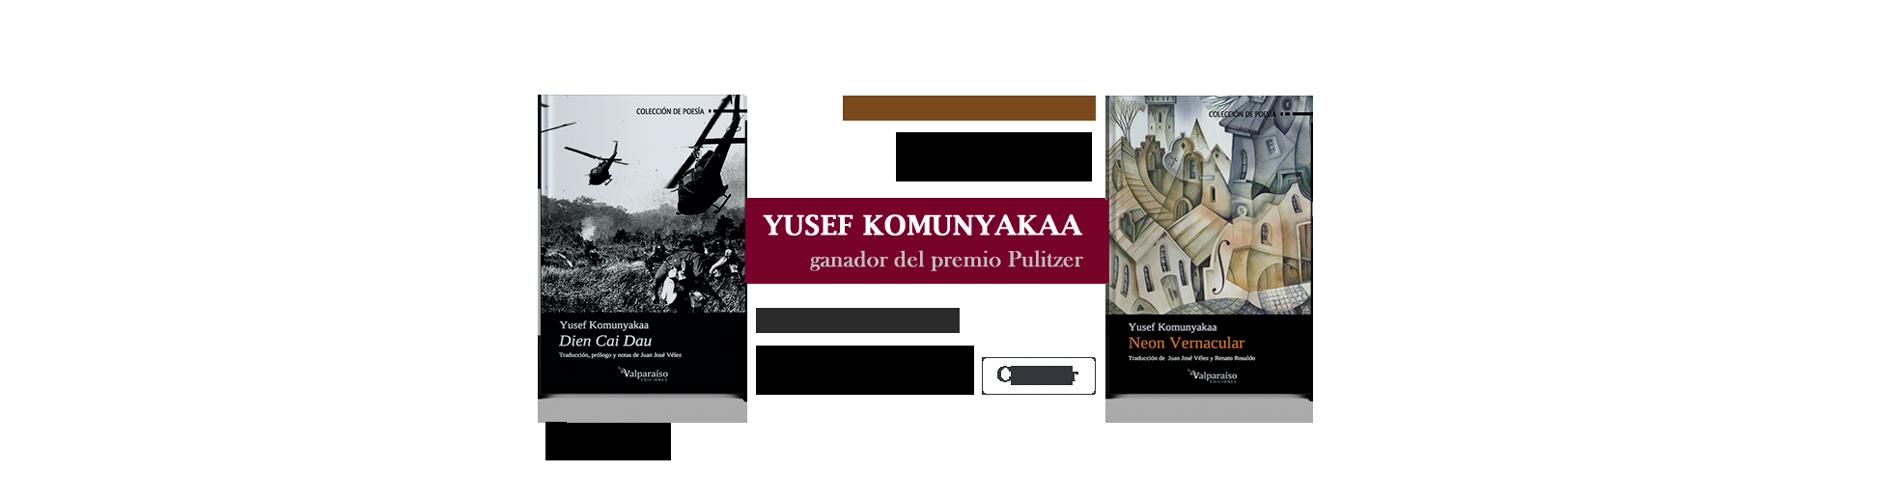 Yusef Komunyakaa, ganador del premio Pulitzer